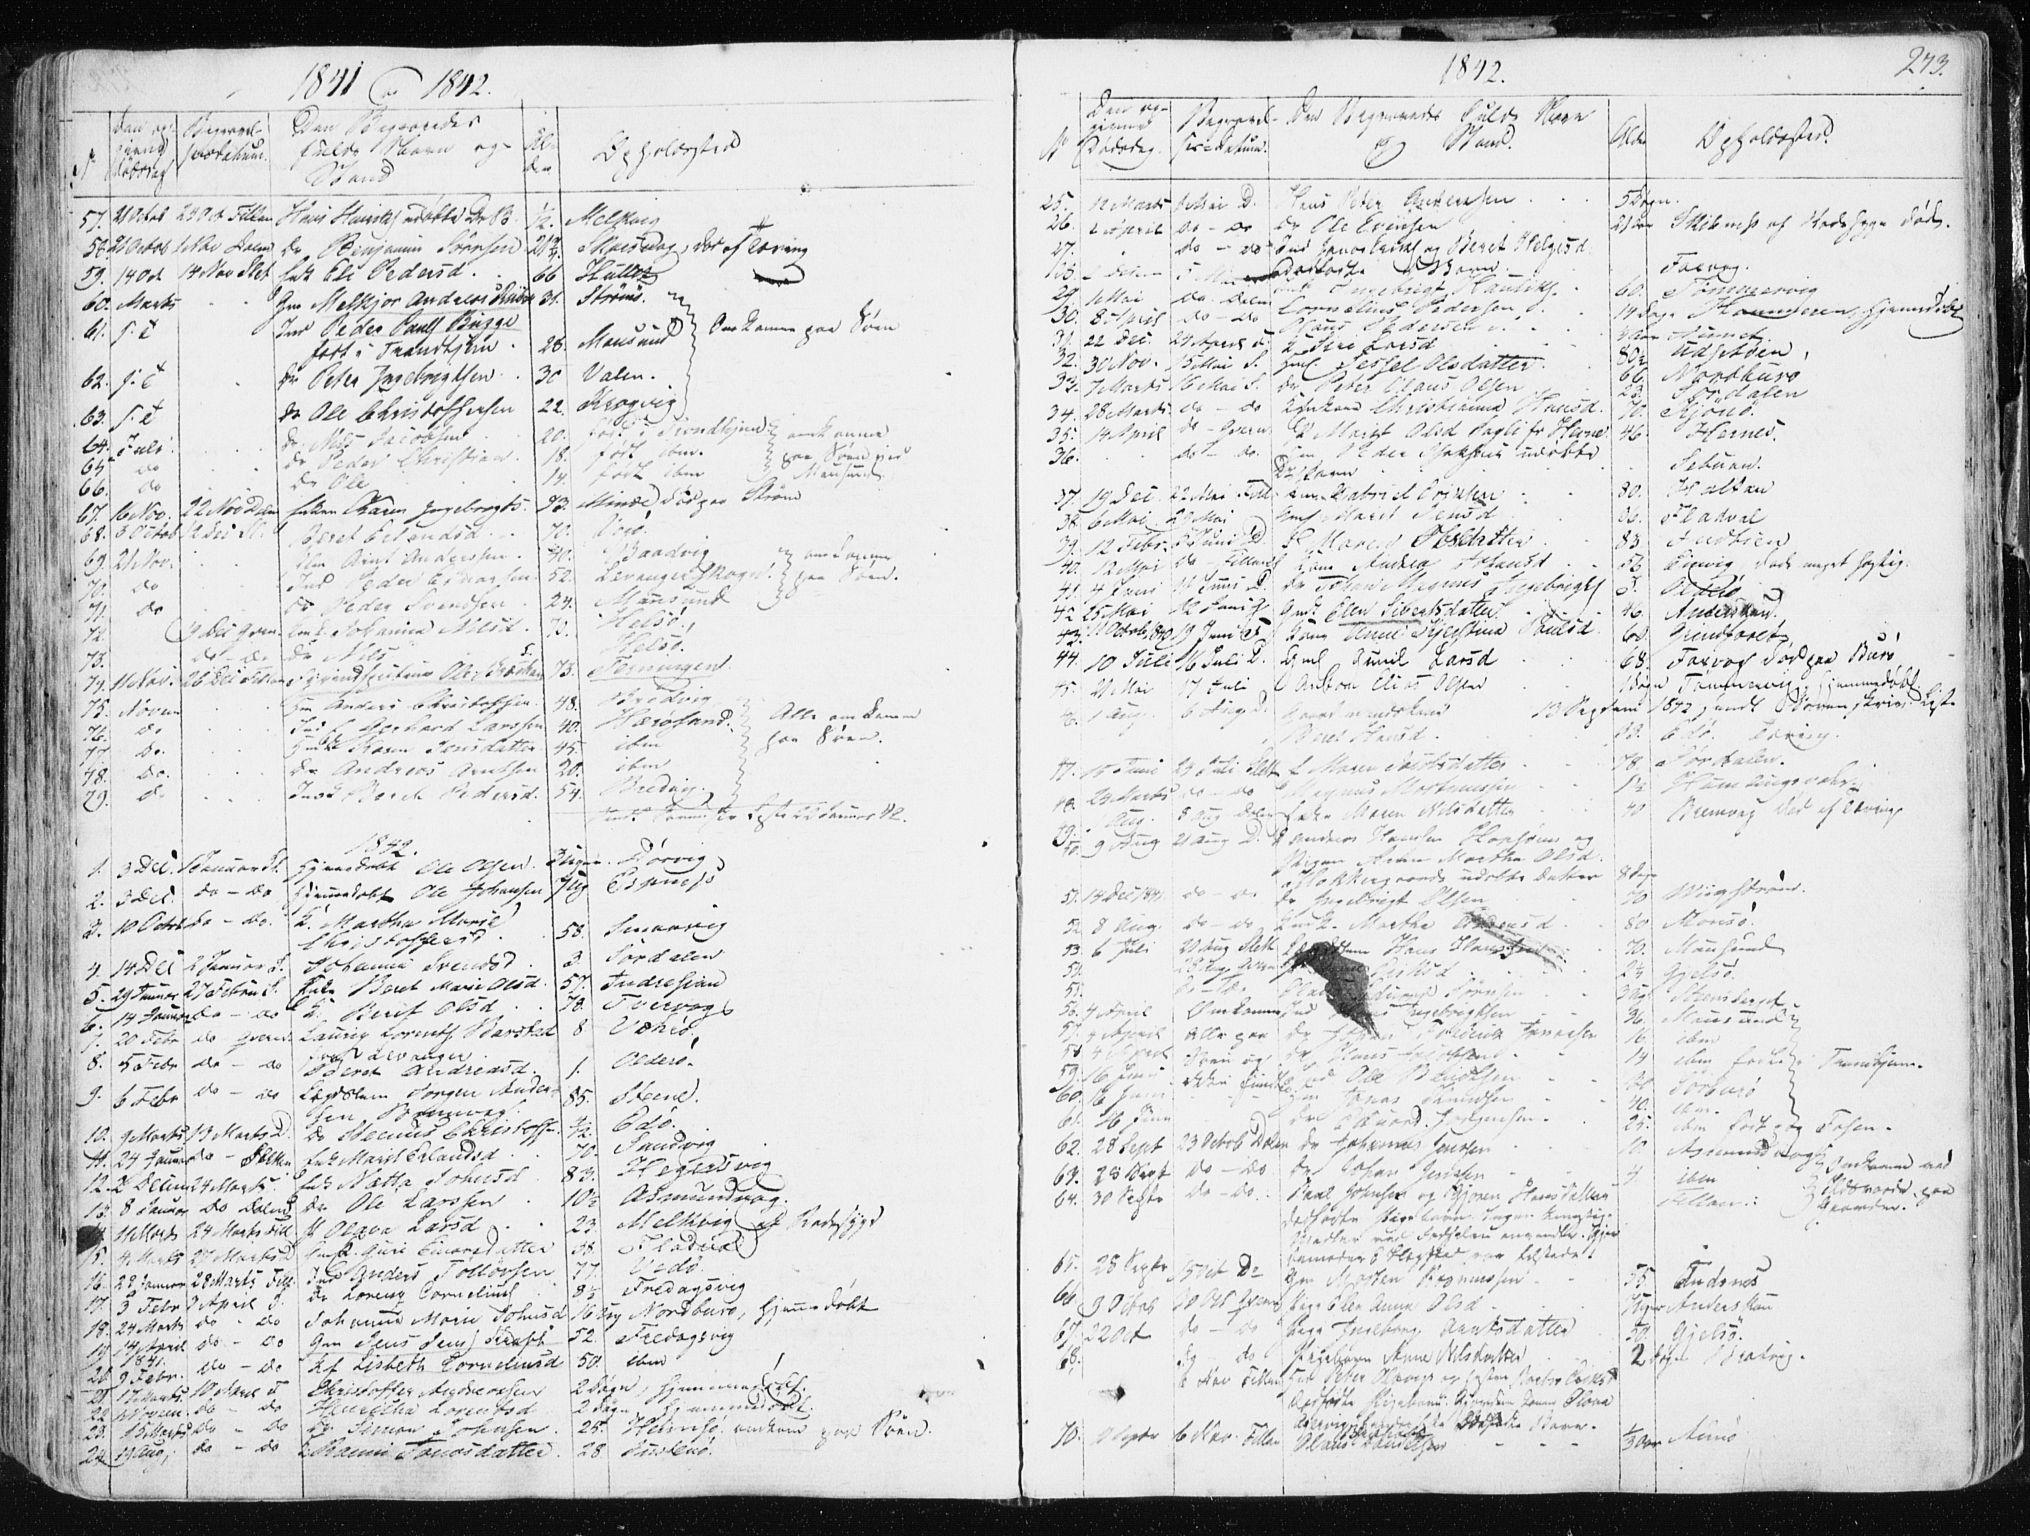 SAT, Ministerialprotokoller, klokkerbøker og fødselsregistre - Sør-Trøndelag, 634/L0528: Ministerialbok nr. 634A04, 1827-1842, s. 273